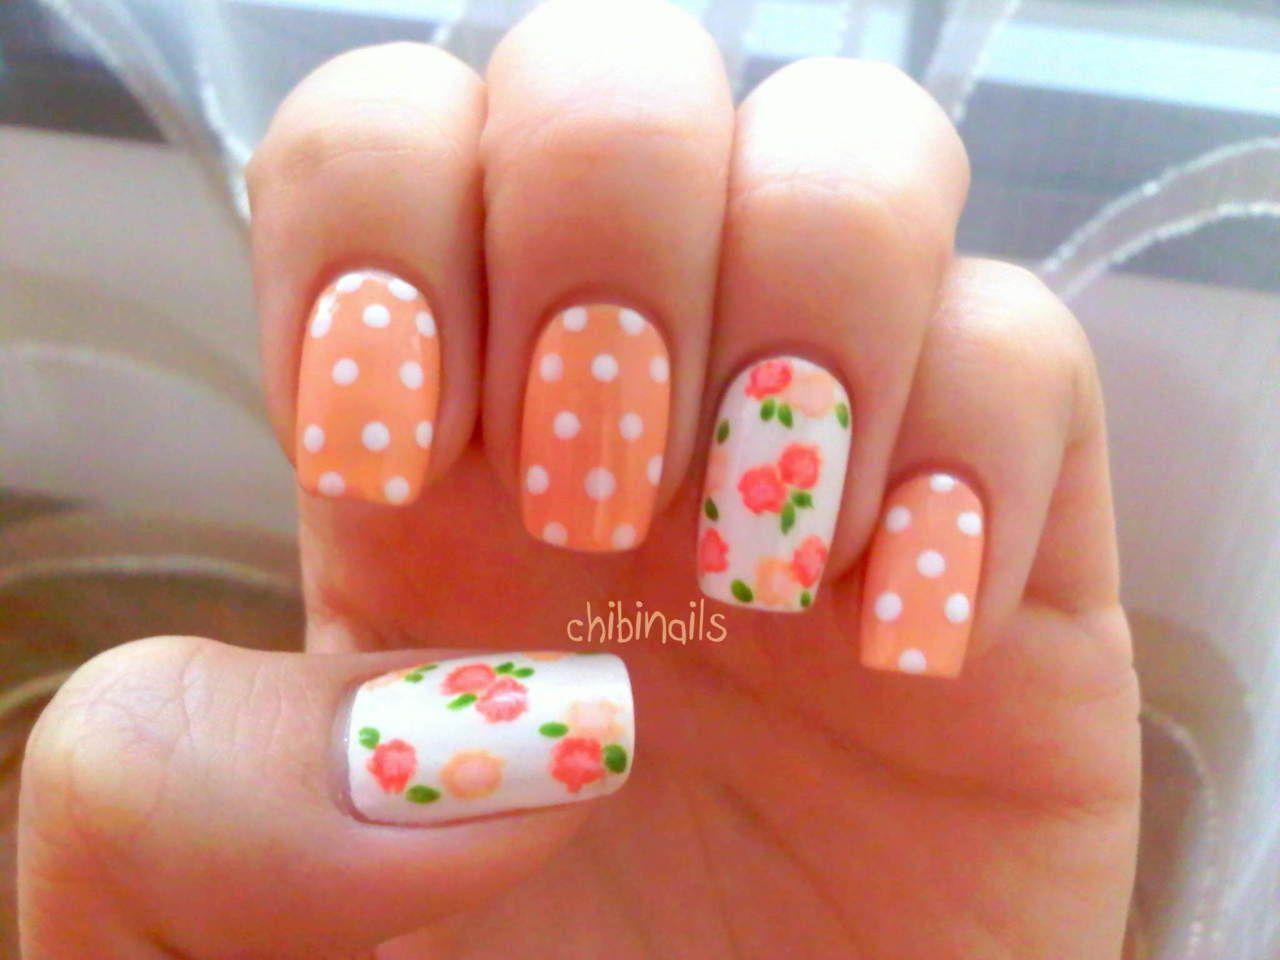 Chibi nails floral polka dots nails pinterest chibi chibi nails floral polka dots sciox Images